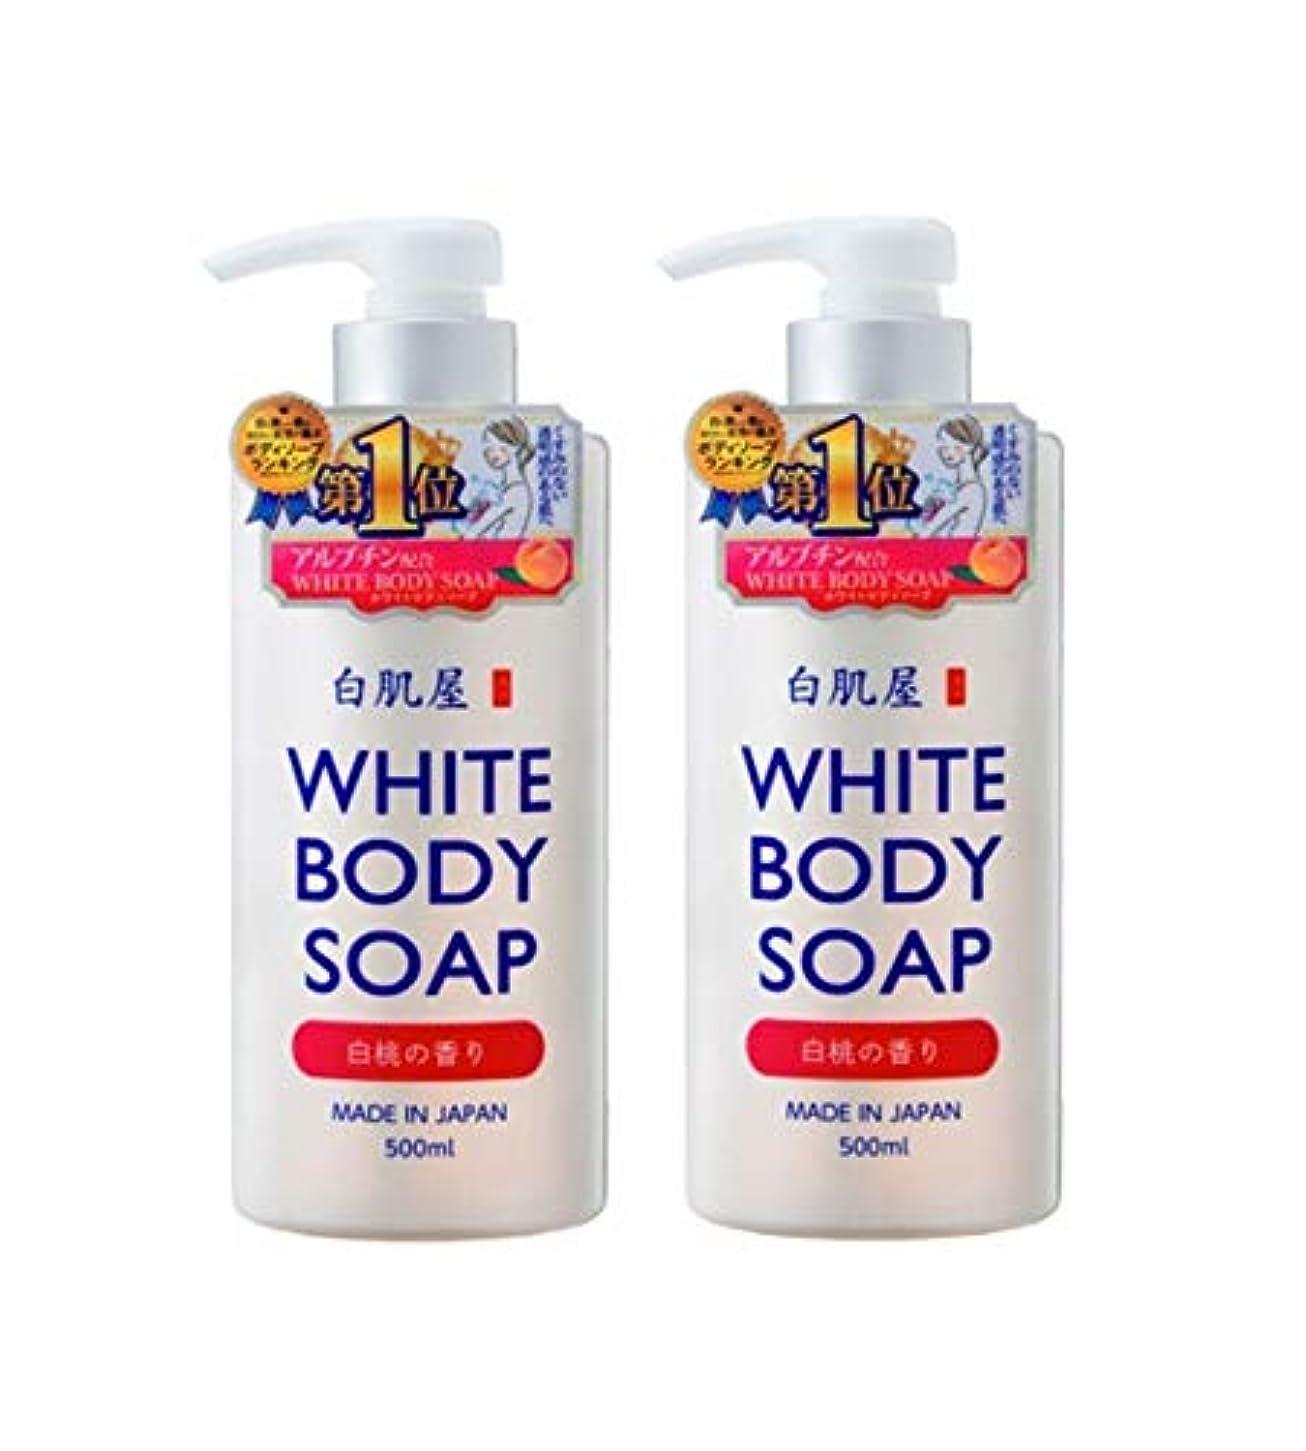 夜の動物園太陽洞察力アイスタイル リシャン 白肌屋 ホワイトボディソープ 白桃の香り 500ml×2本セット